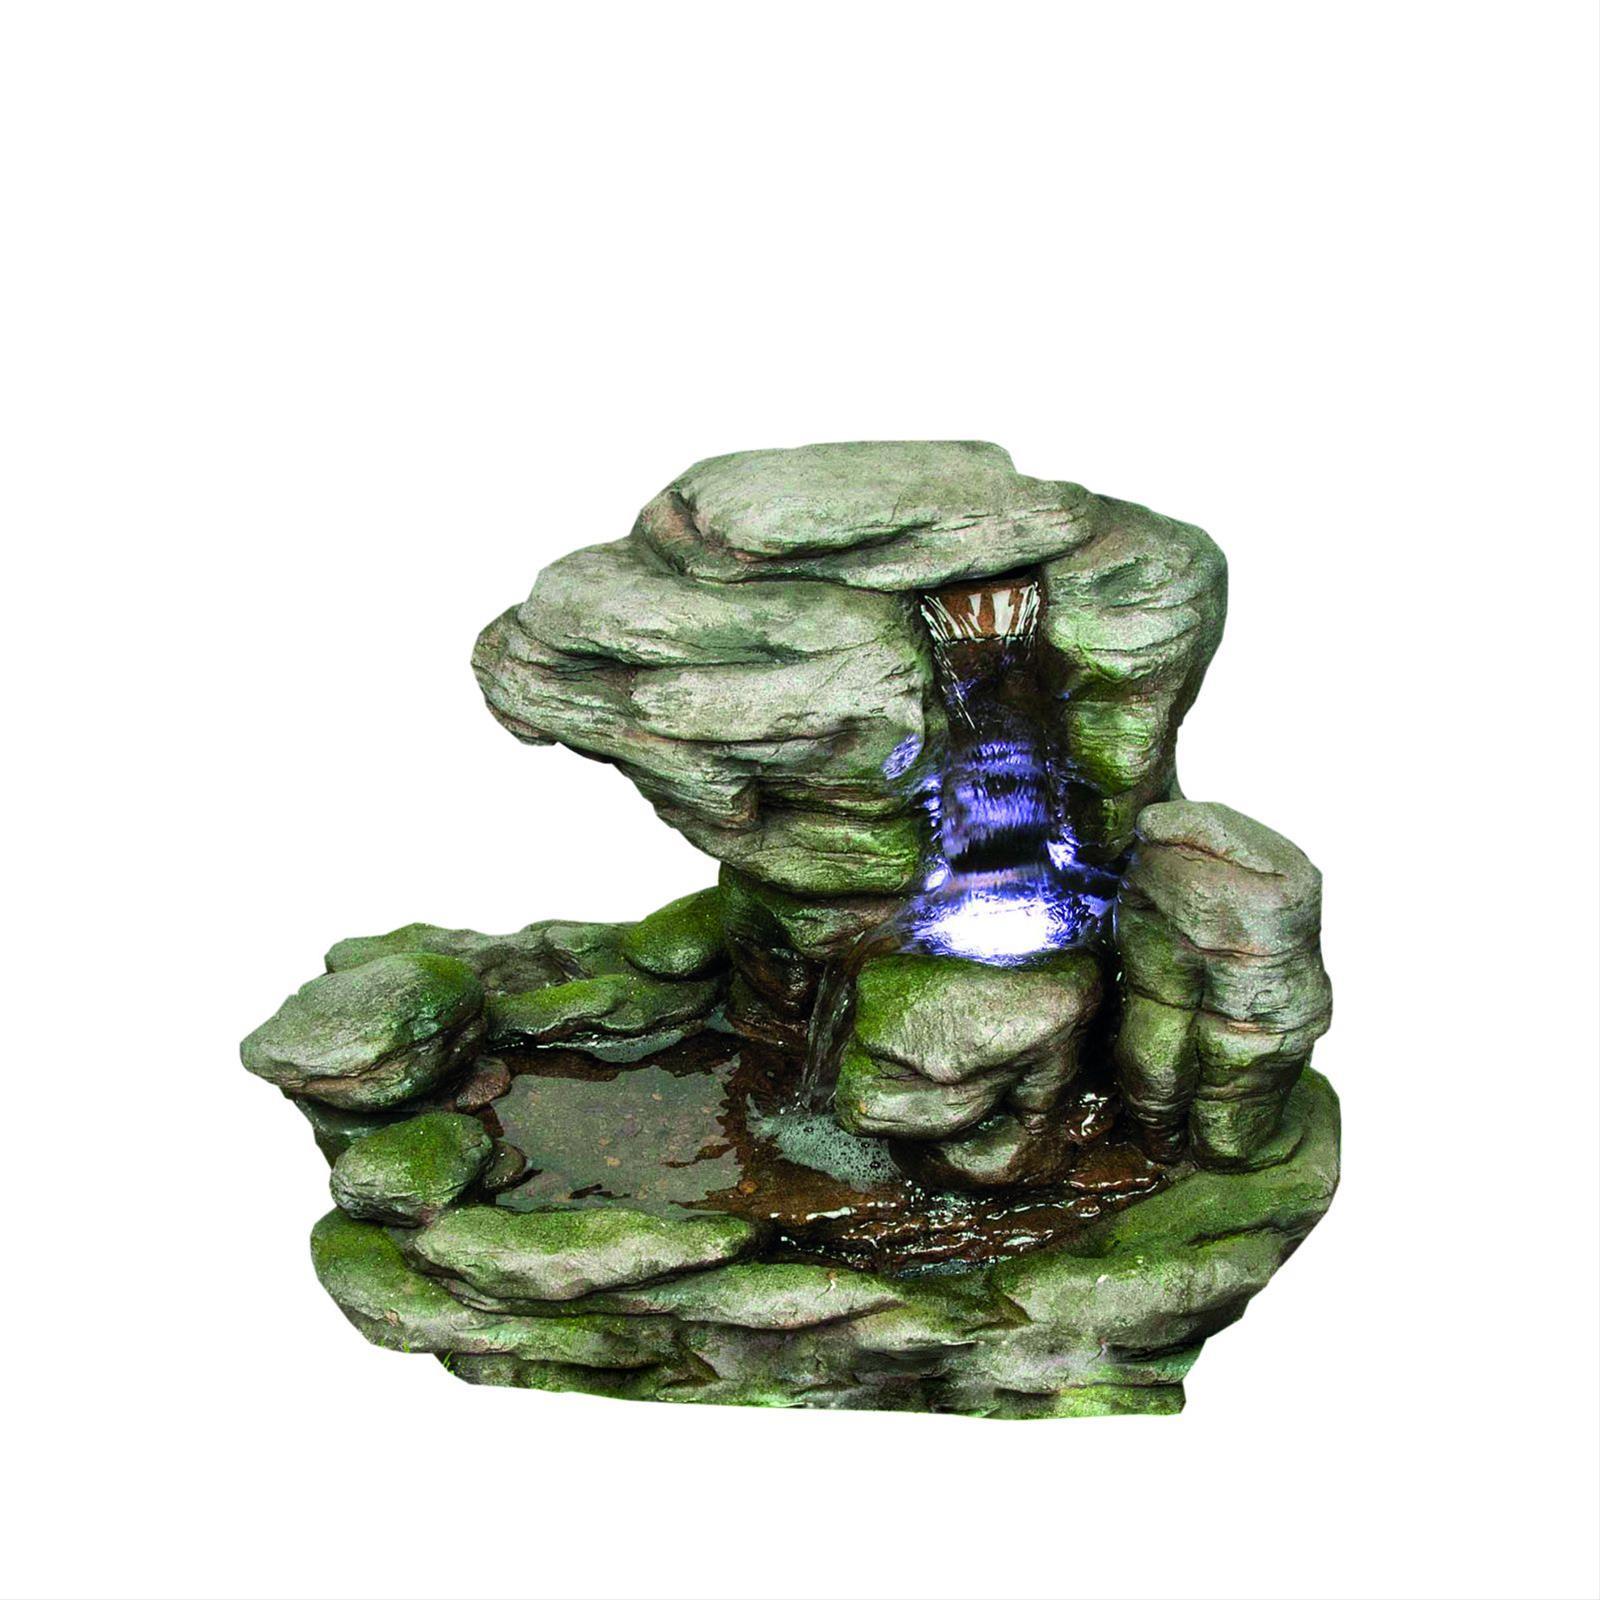 Gartenbrunnen / Wasserspiel / Zimmerbrunnen GardenForma Gokak Bild 1